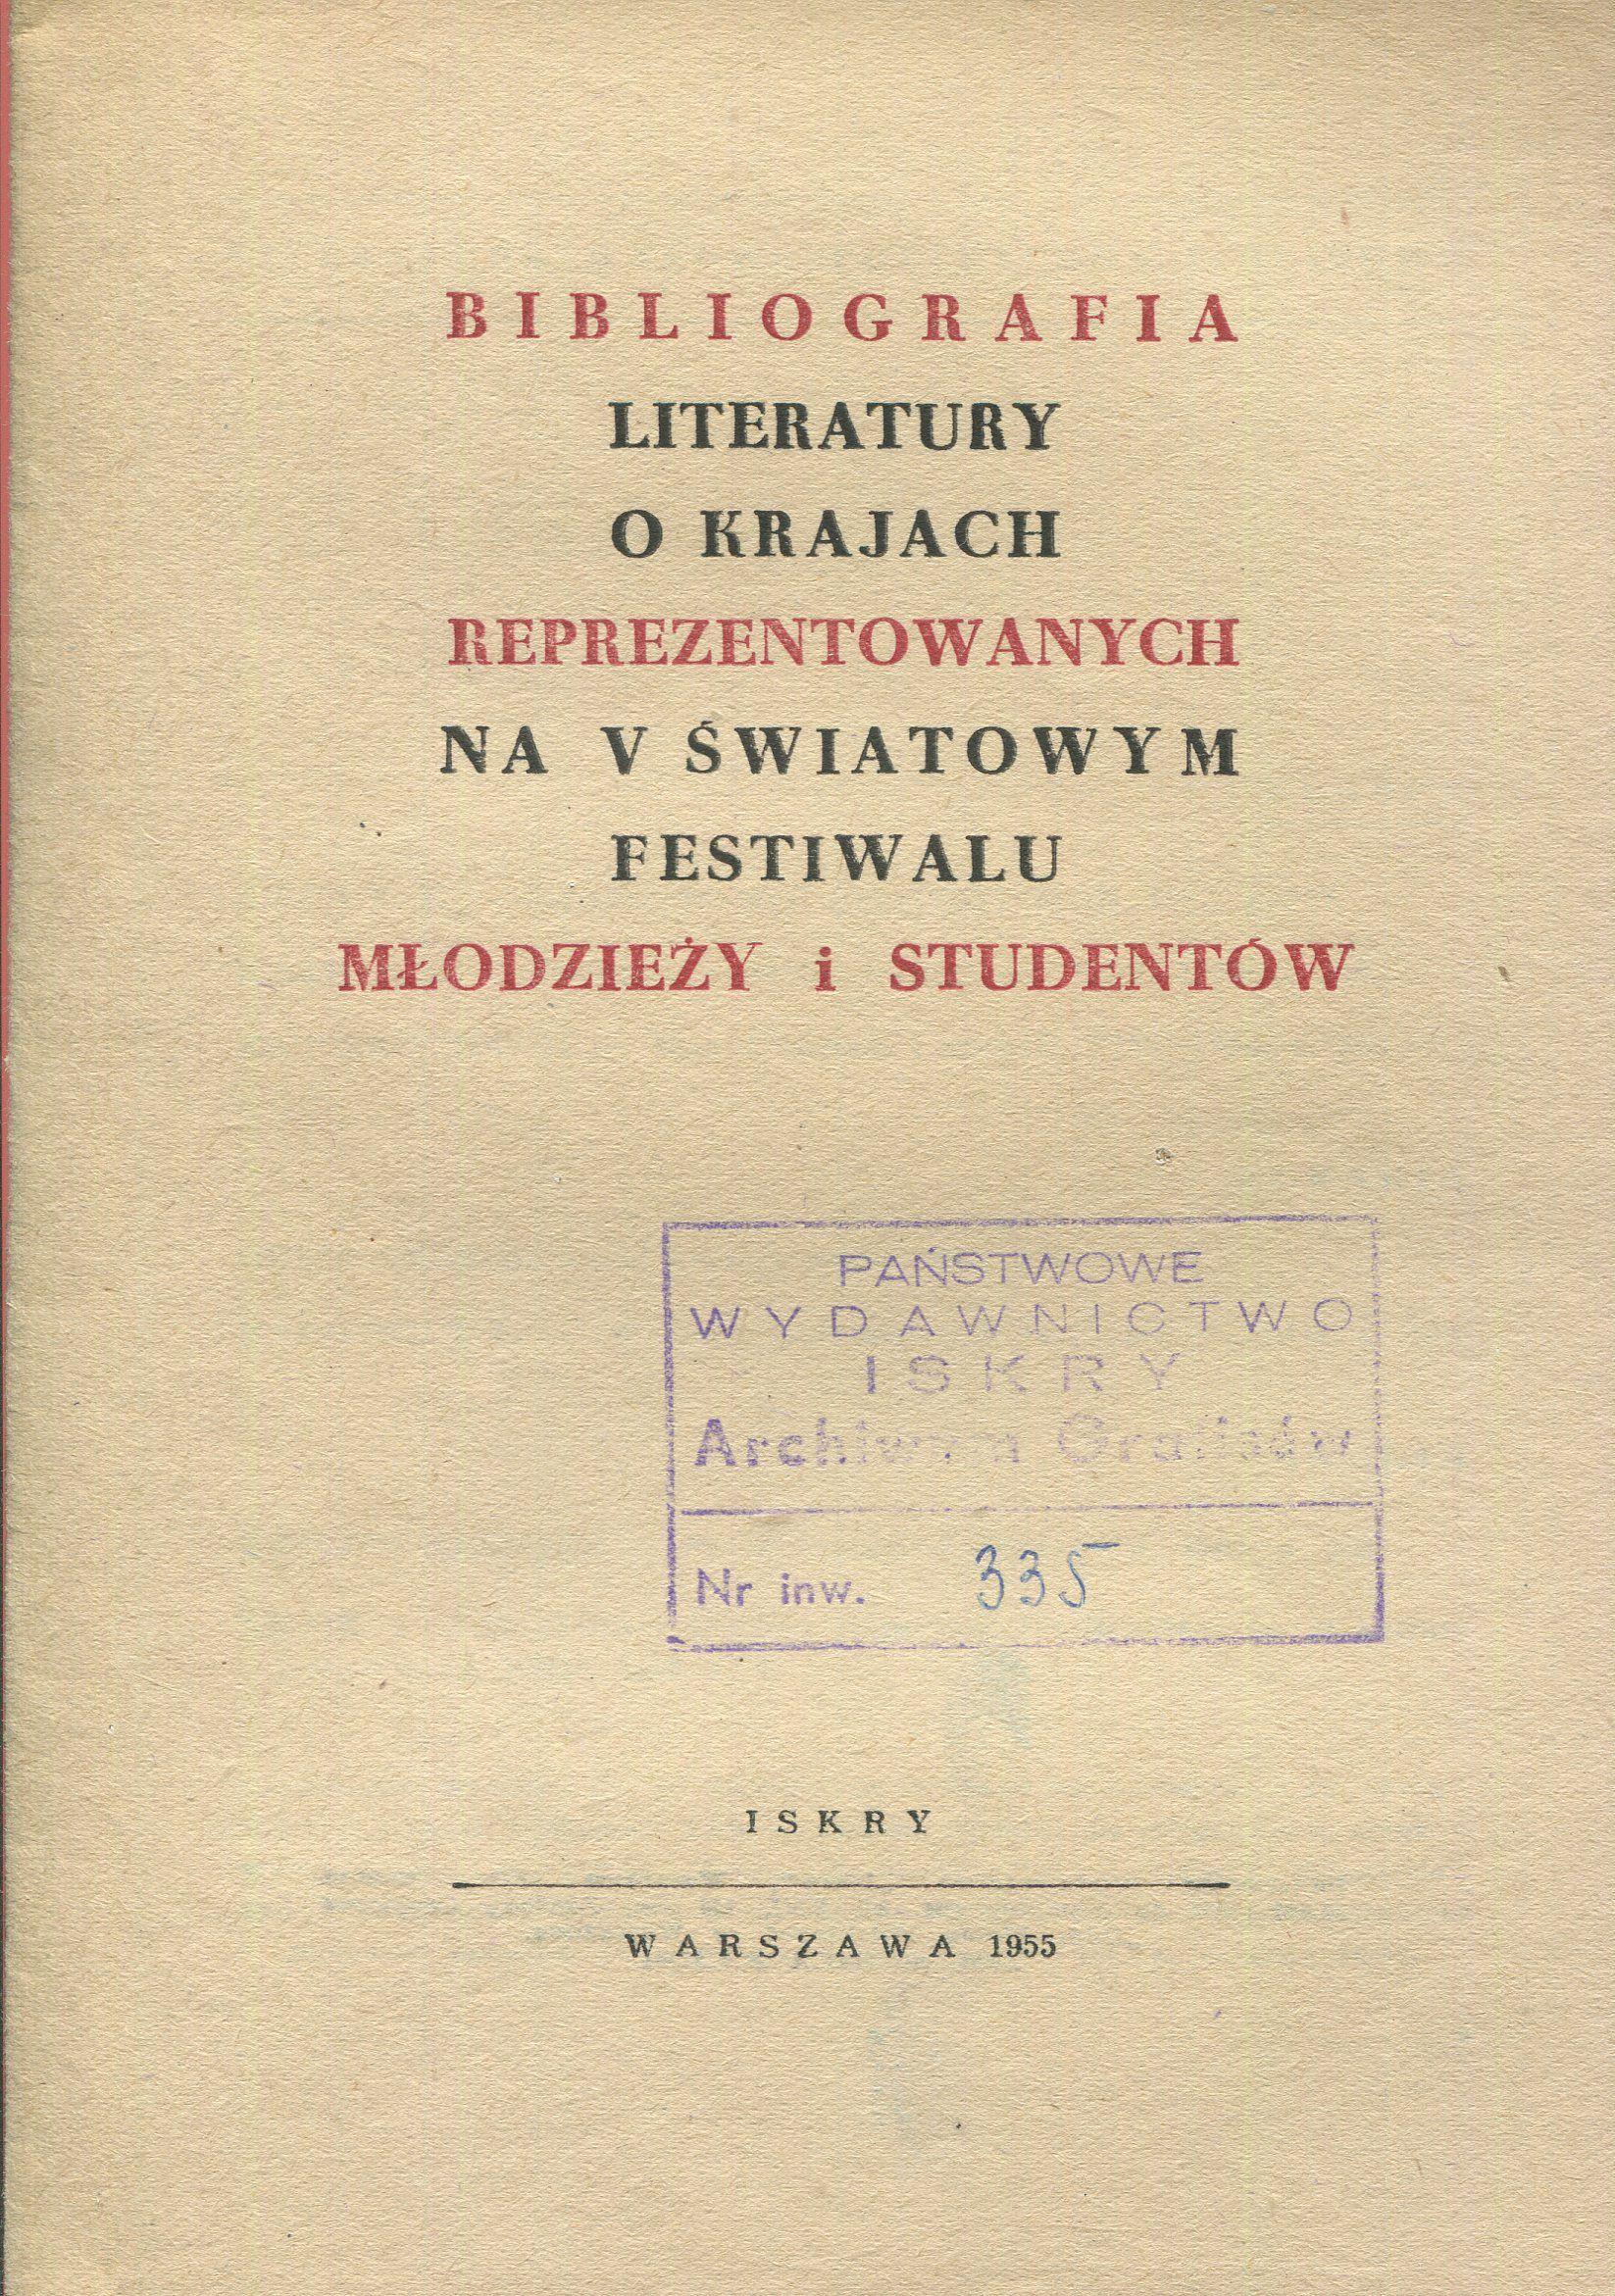 """""""Bibliografia literatury o krajach reprezentowanych na V Światowym Festiwalu Młodzieży i Studentów"""" Published by Wydawnictwo Iskry 1955"""